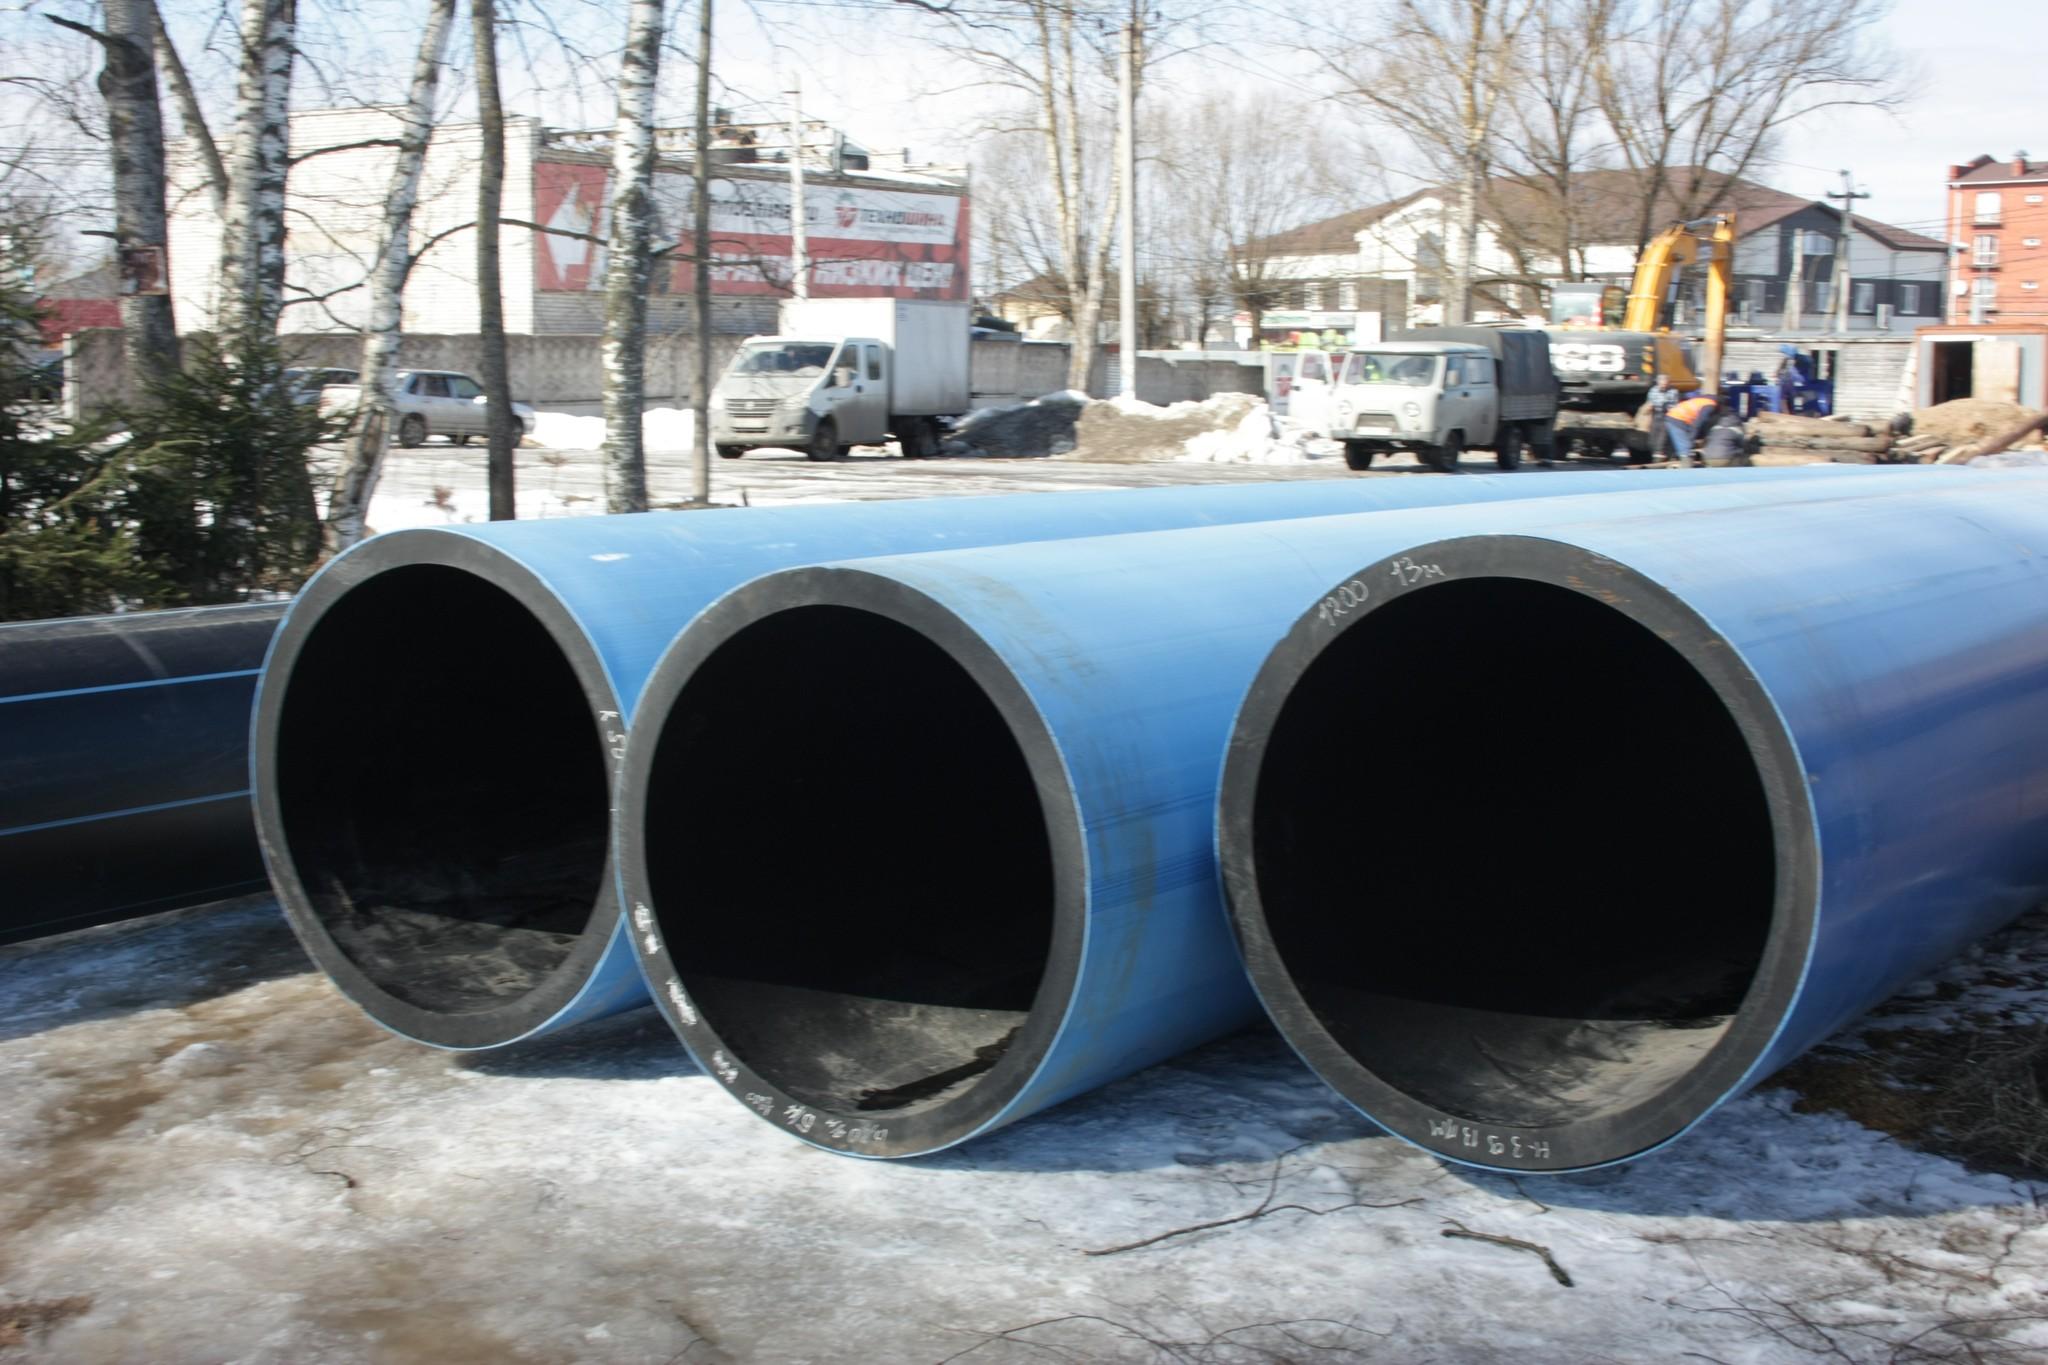 Для модернизации водовода в Твери освобождают незаконно занятые жителями земельные участки